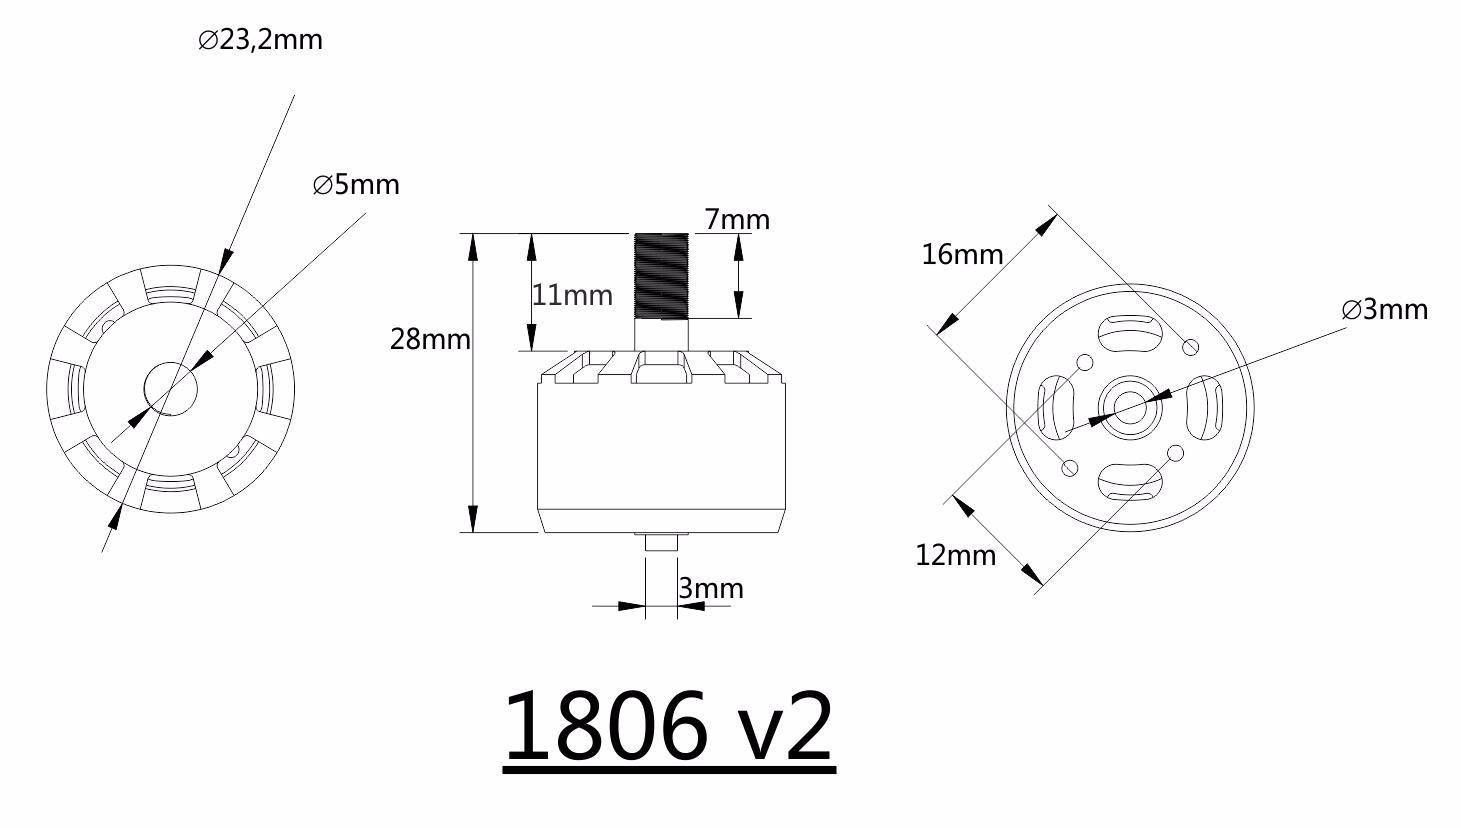 Kingkong V2 2 4s Kv Cw Ccw Brushless Motor For Rc